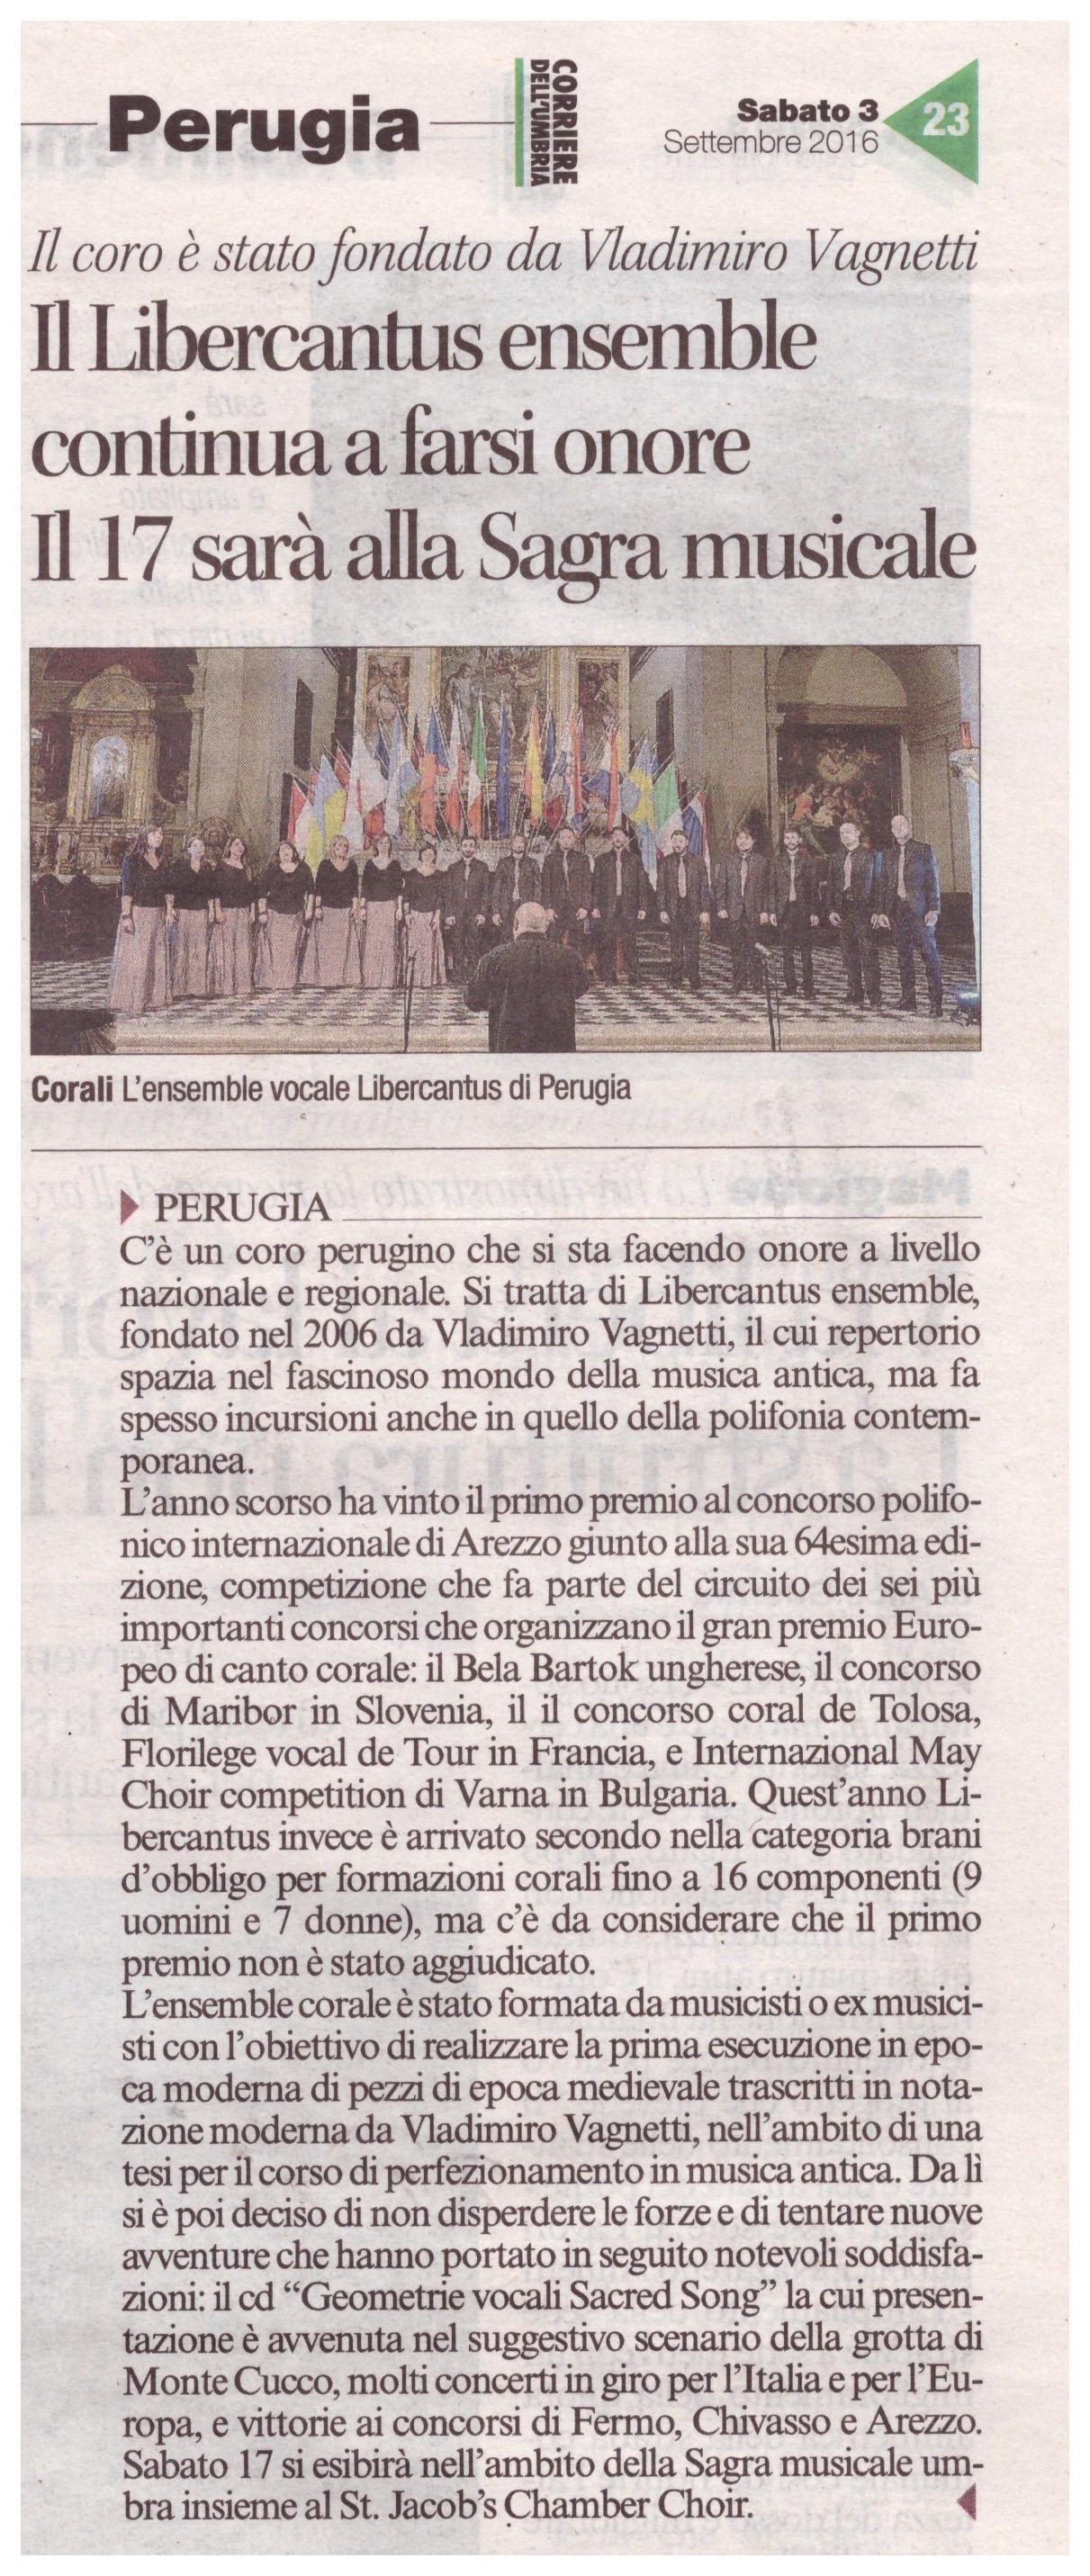 """Corriere dell'Umbria, sabato 3 settembre 2016, pag. 23 """"Il Libercantus Ensemble continua a farsi onore. Il 17 sarà alla Sagra musicale"""""""